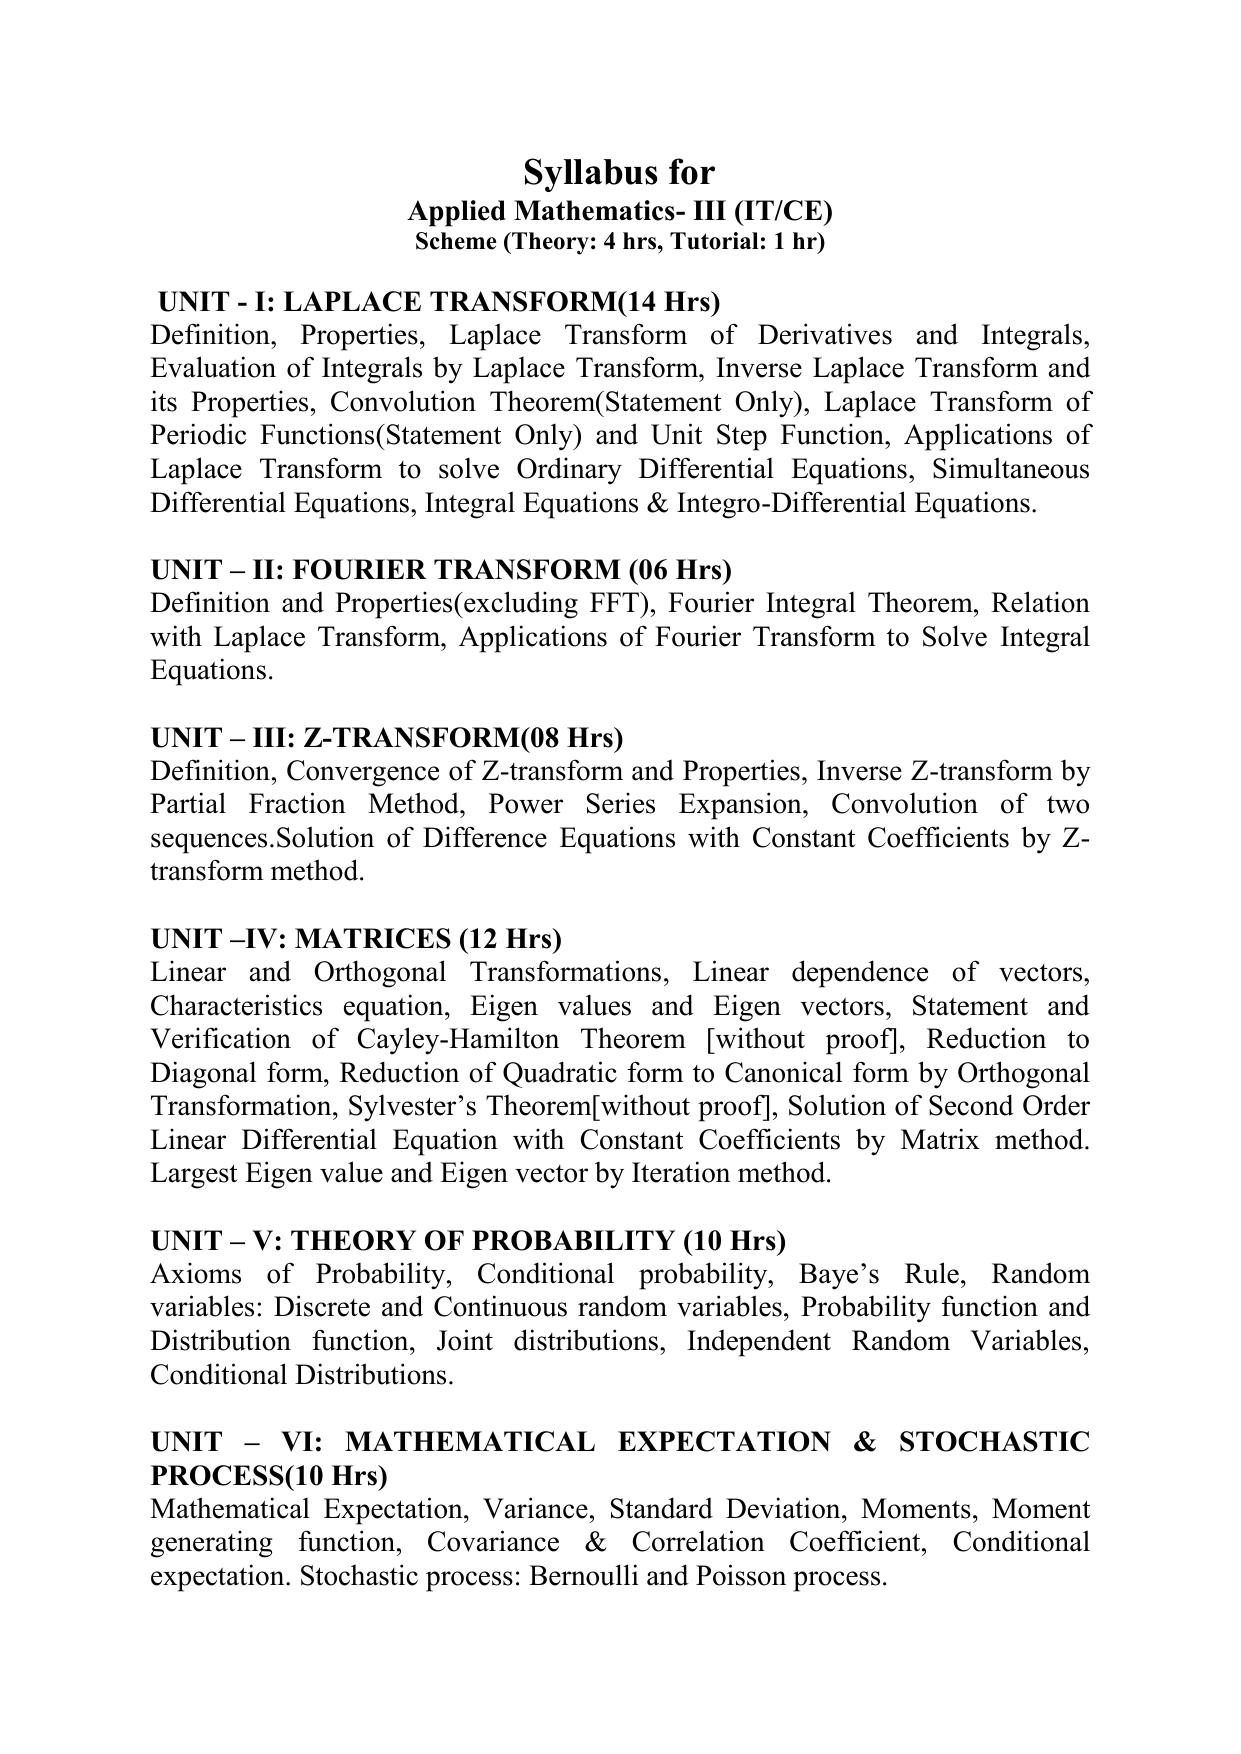 worksheet Mathematical Properties syllabus for